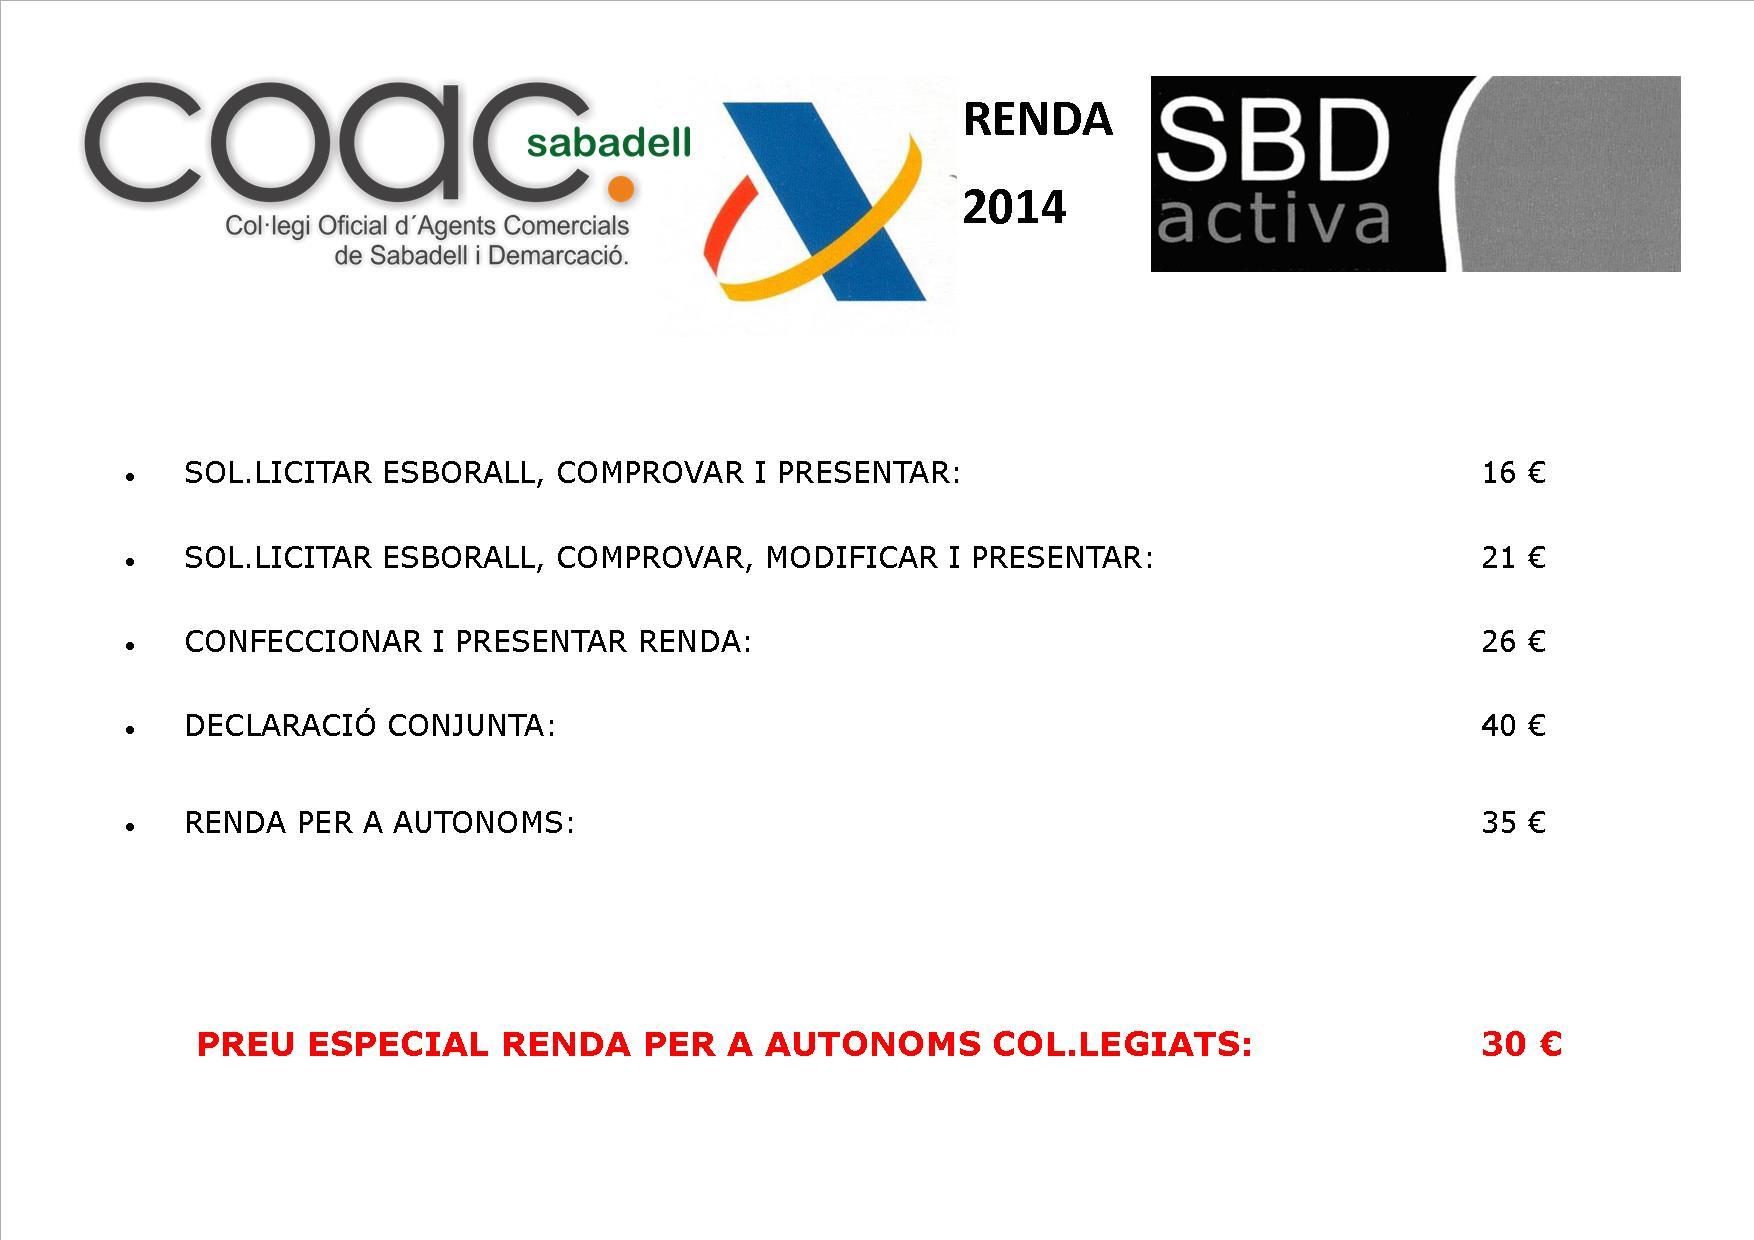 RENDA 2014